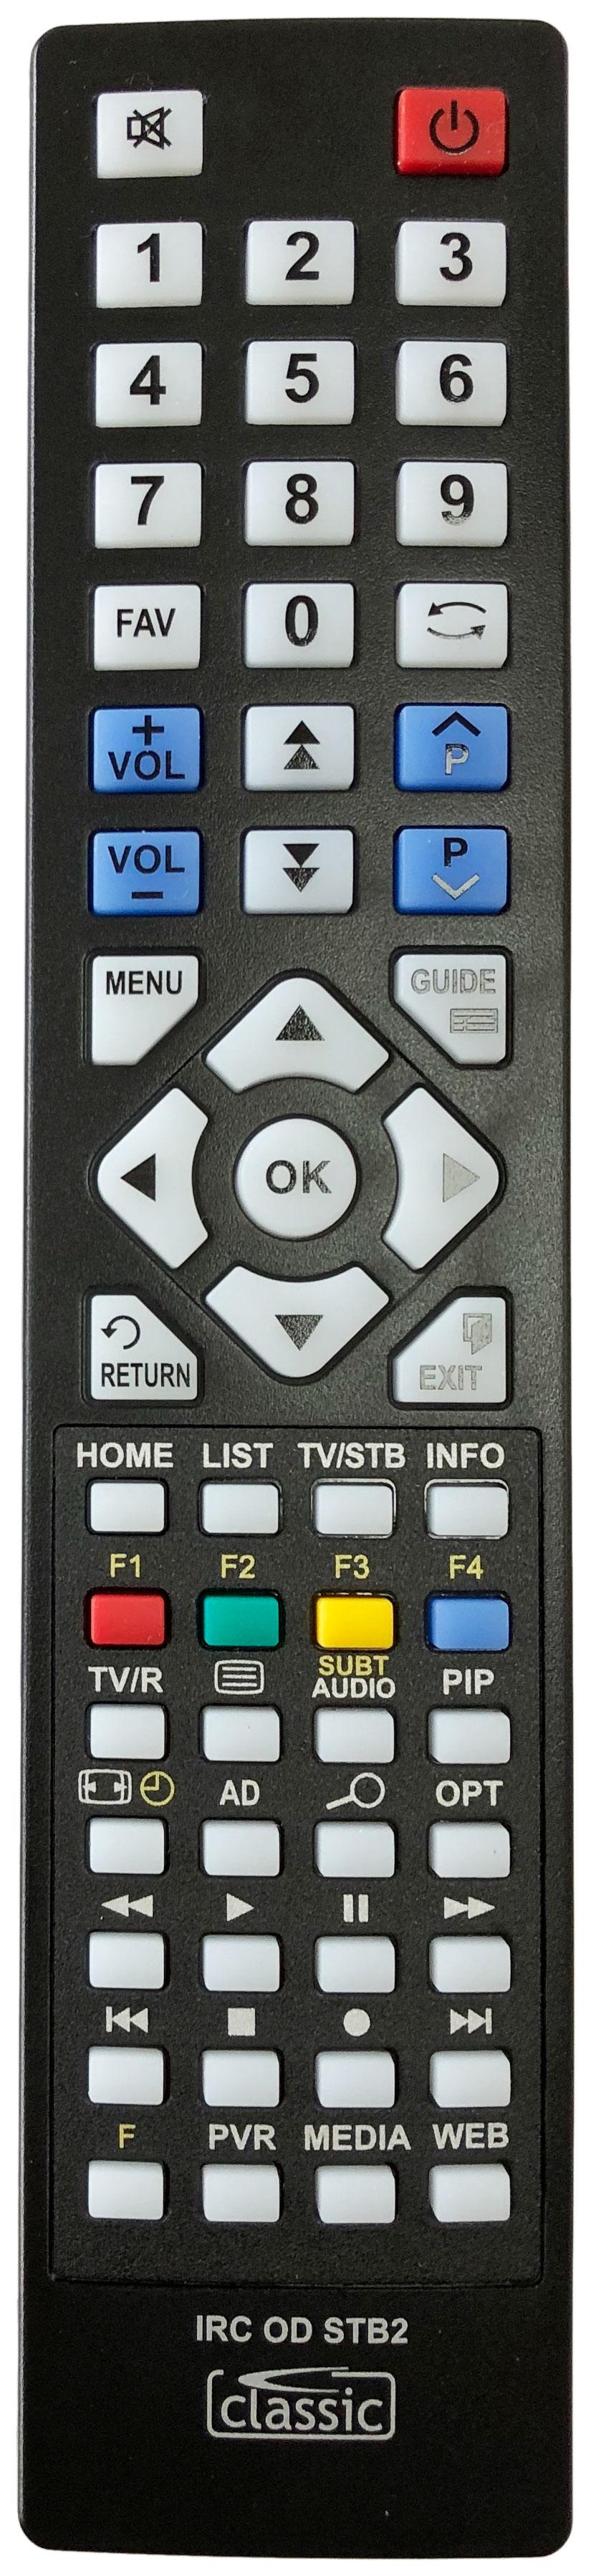 MATSUI RC 1113120/00 Remote Control Alternative